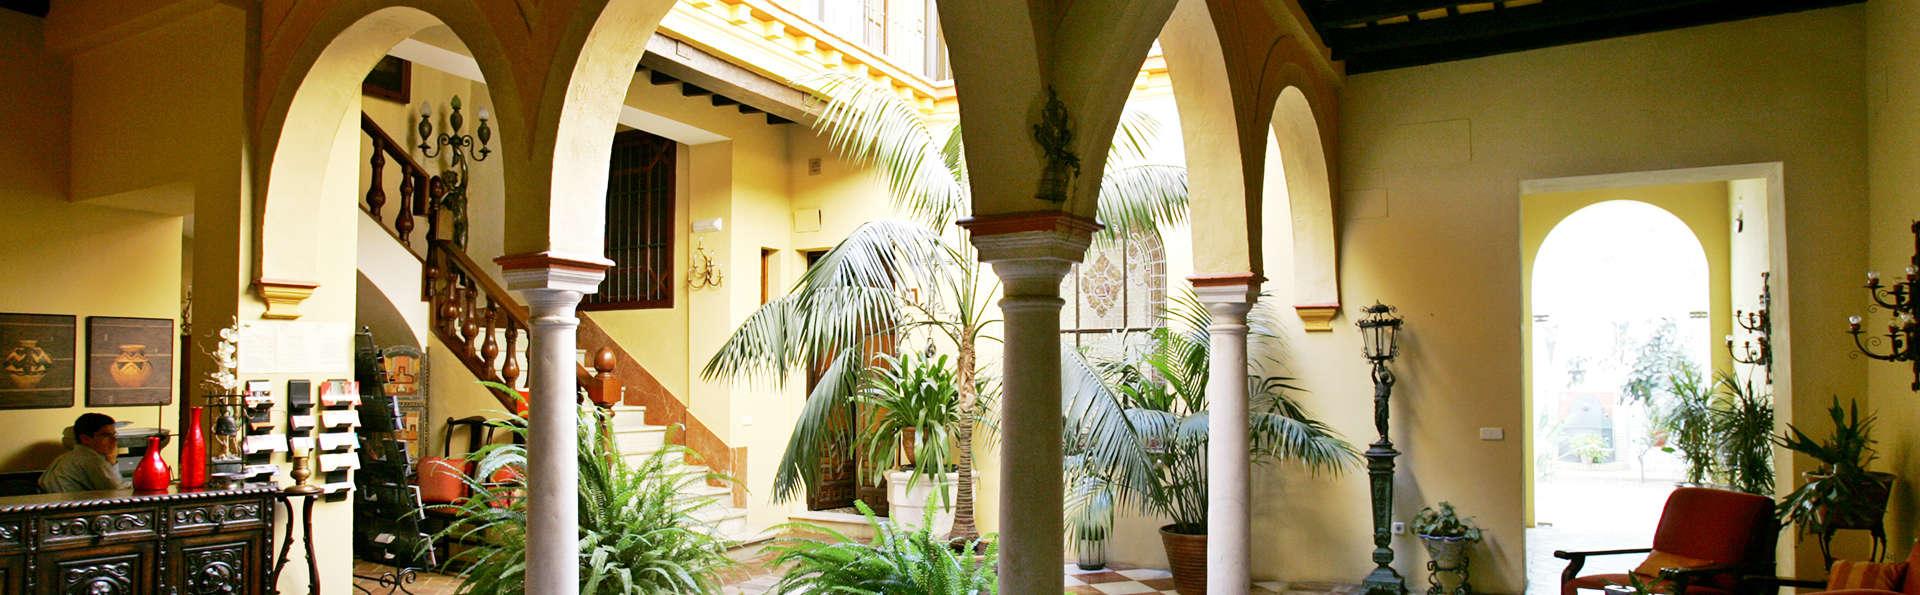 Posada de Palacio - EDIT_interior.jpg